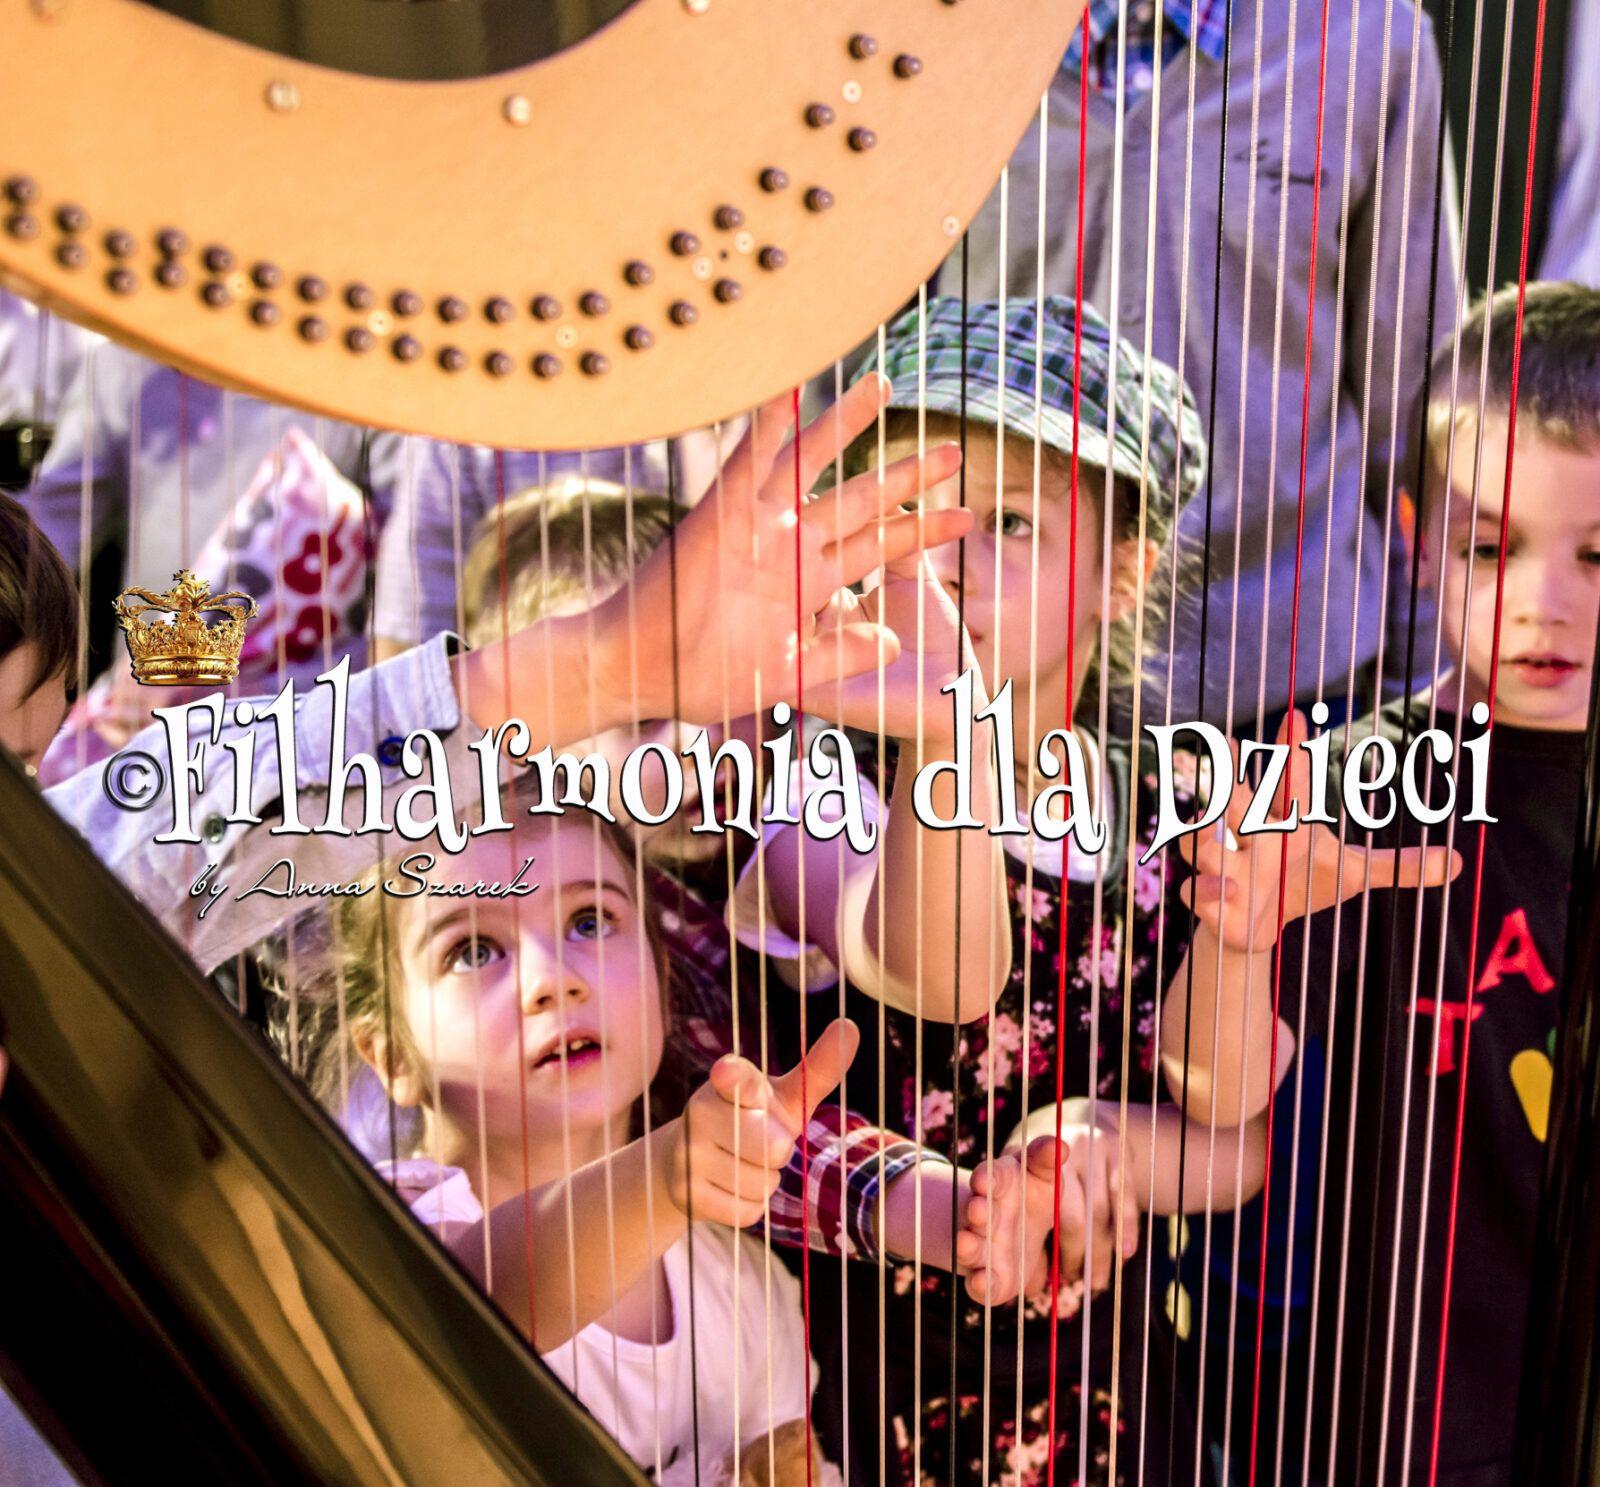 Filharmonia dla Dzieci by anna Szarek Hotel Bristol Warszawa